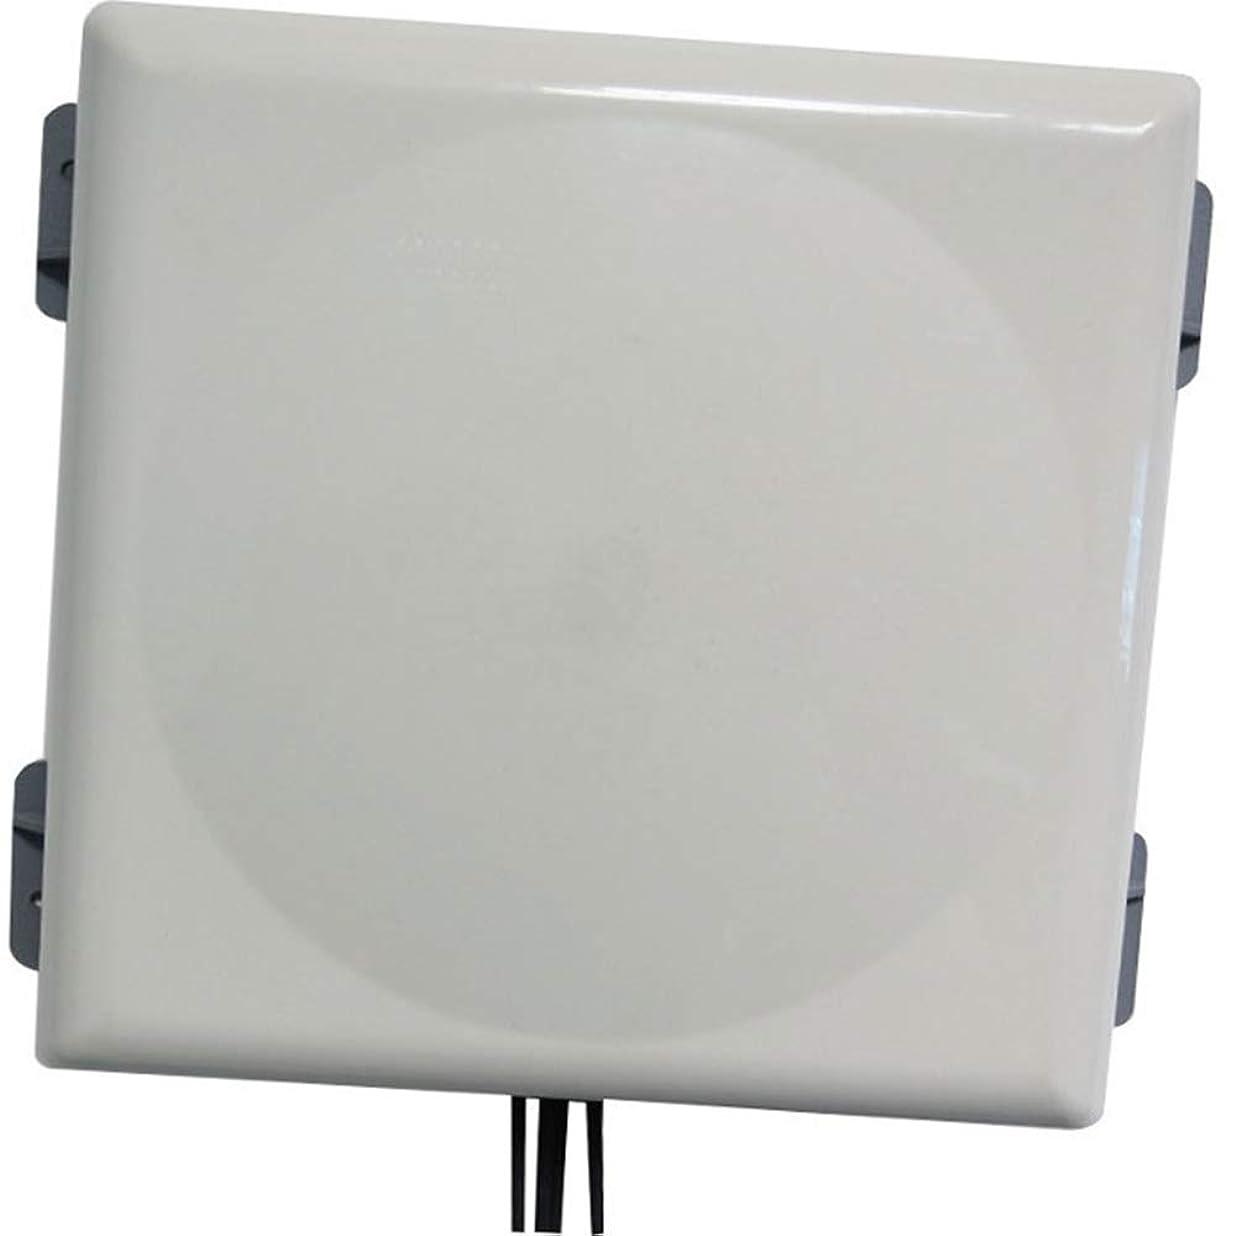 気怠い否定する嫌がらせ日本ヒューレットパッカード AP-ANT-48 Dual Band 60x60deg 8dBi 4 Element MIMO 4xRPSMA Pigtail Antenna JW019A